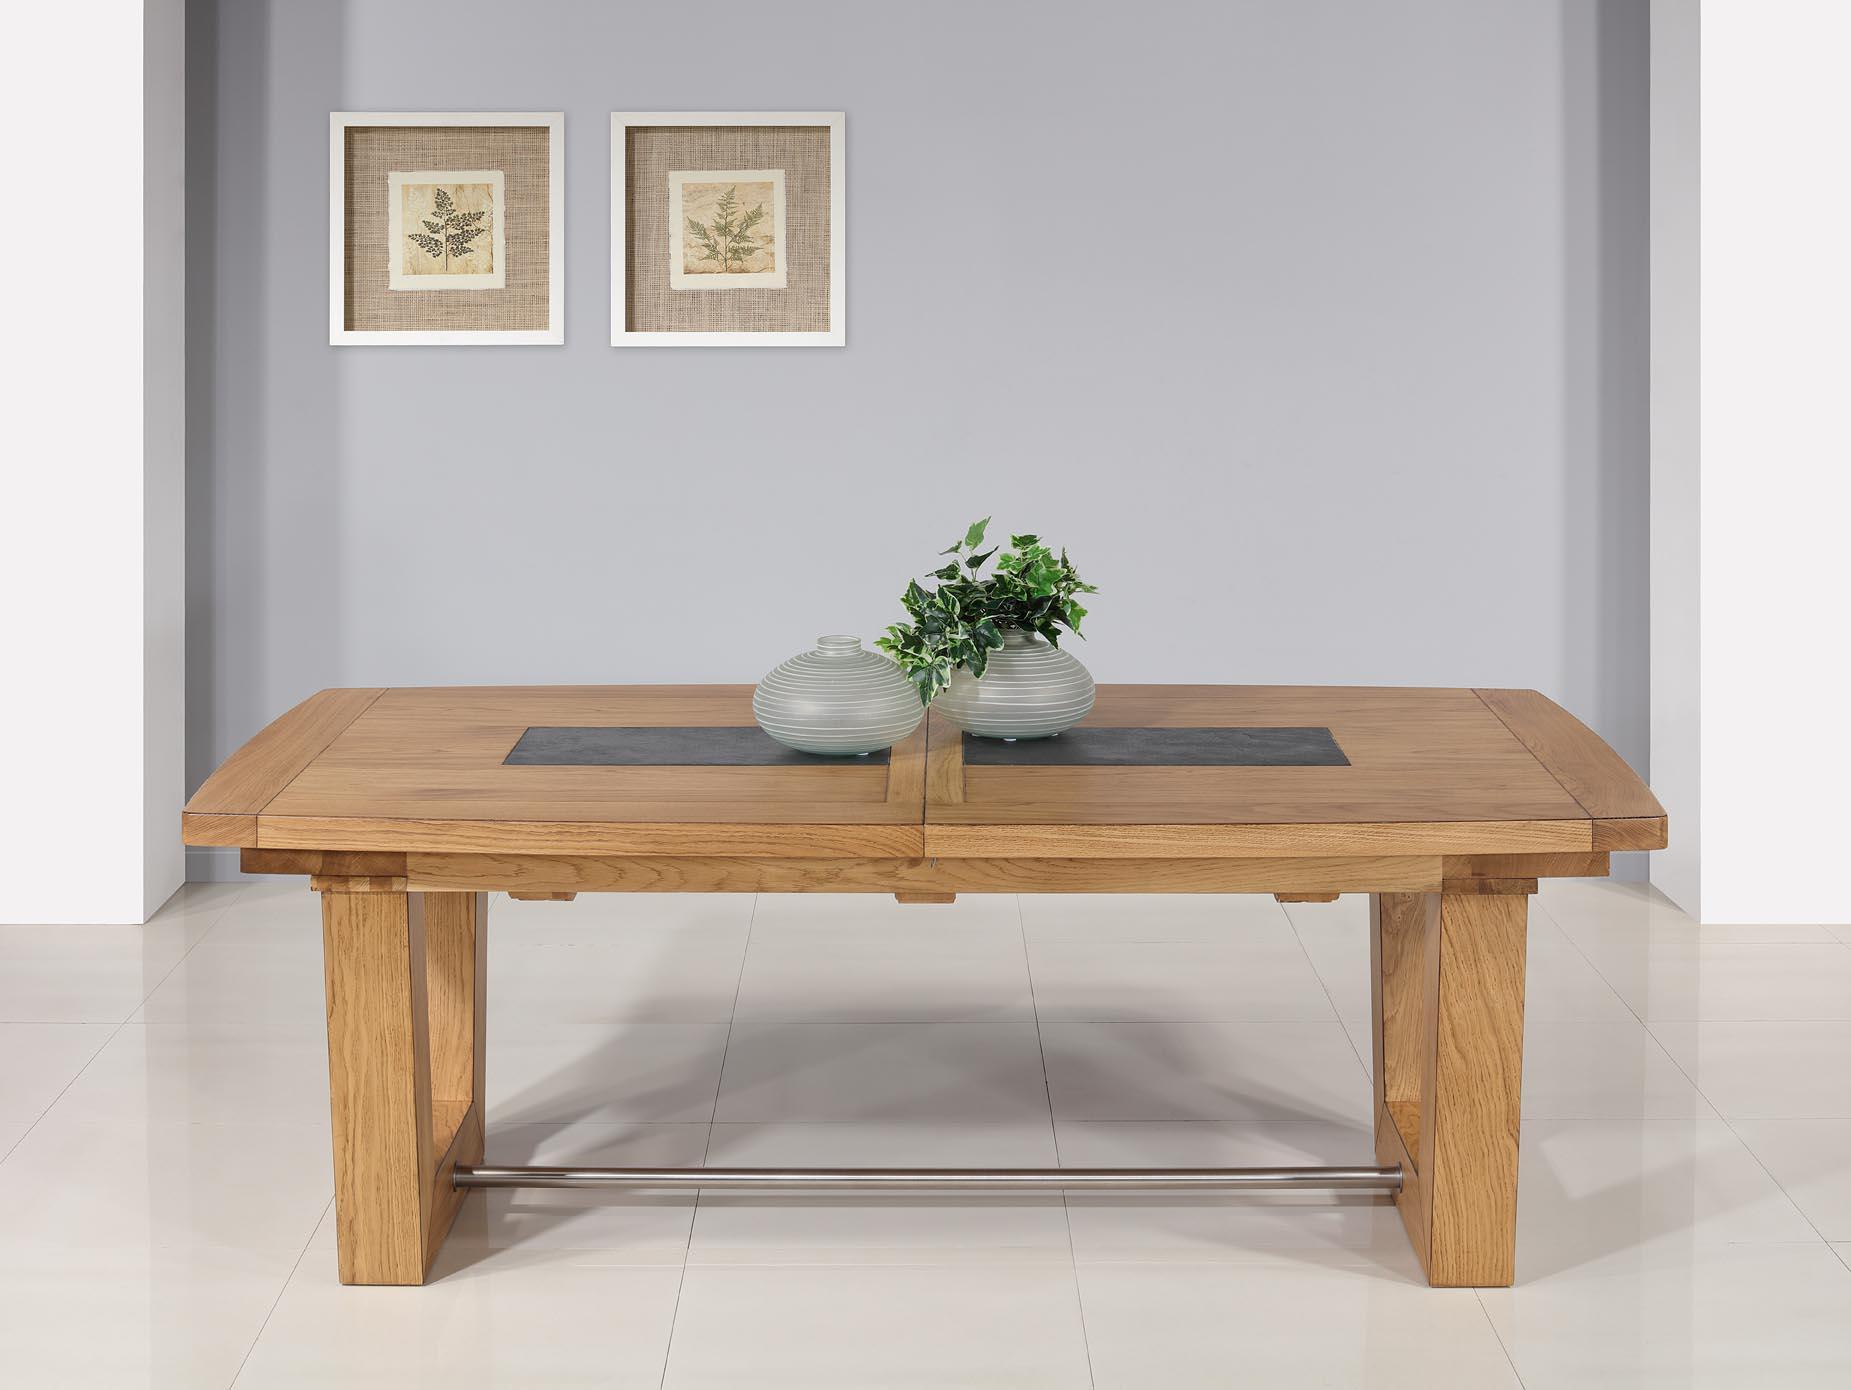 Table rectangulaire  220x110  en Chêne Massif 4 allonges de 40 cm (4 mètres avec ses allonges)